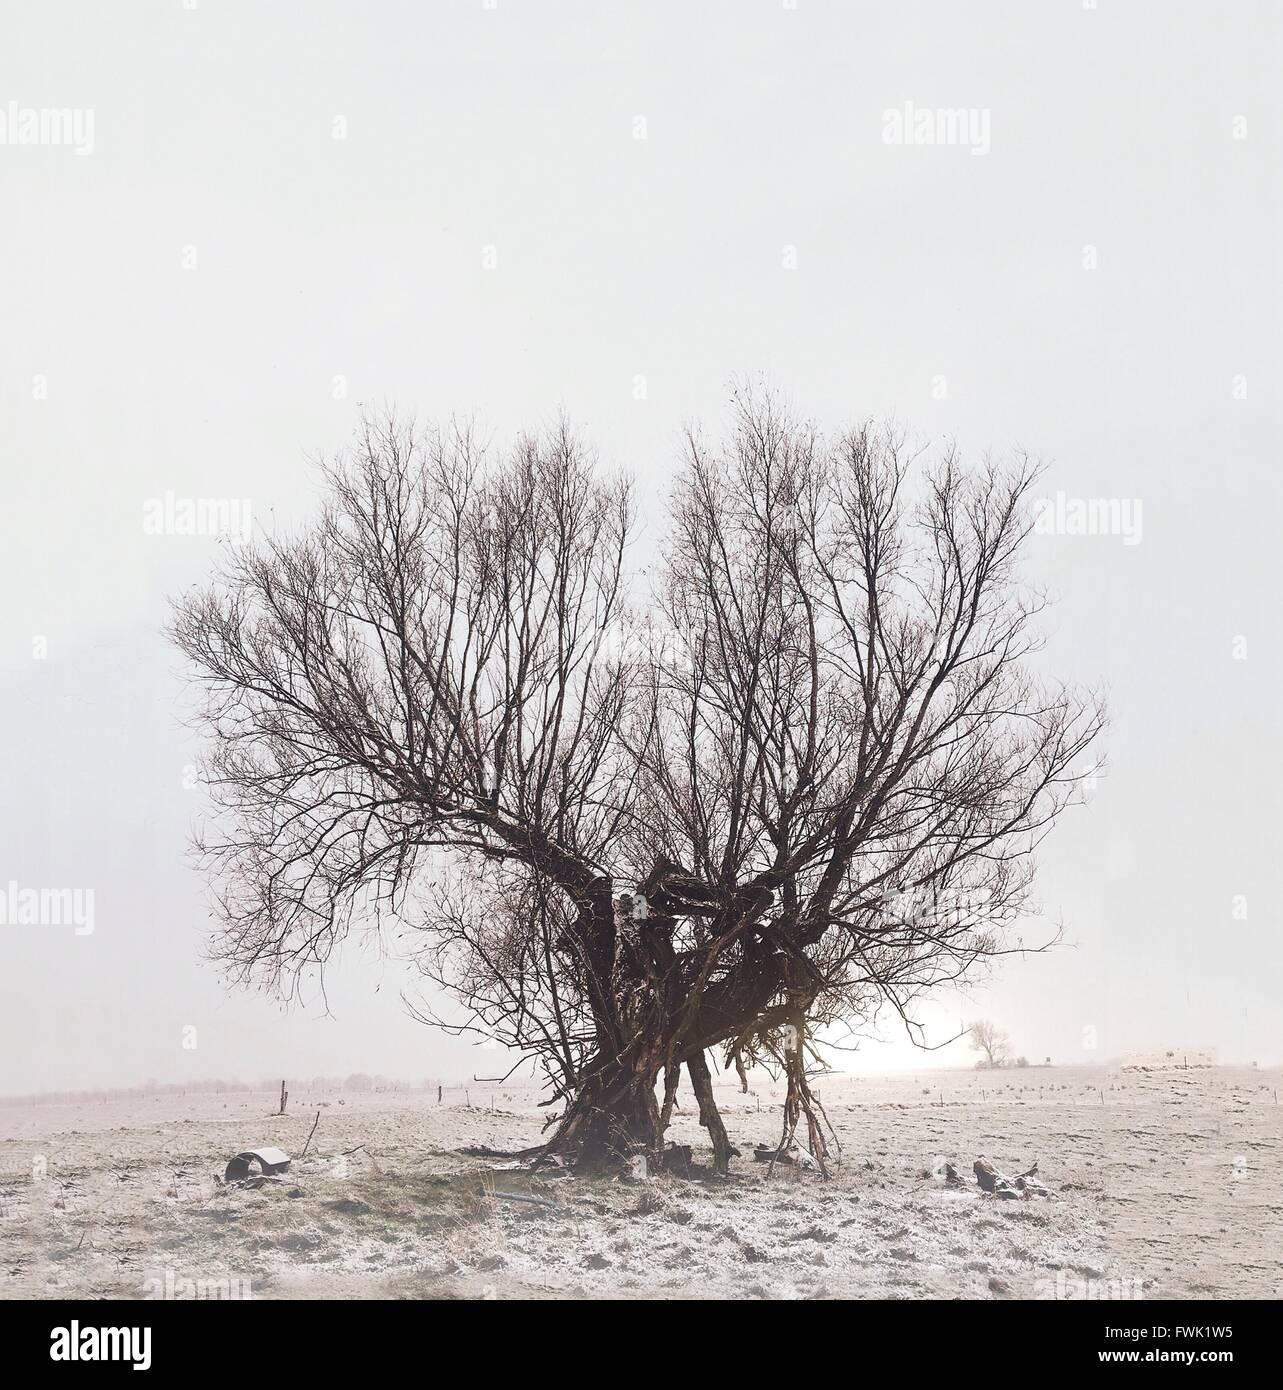 Arbre nu sur terrain contre Ciel clair Photo Stock